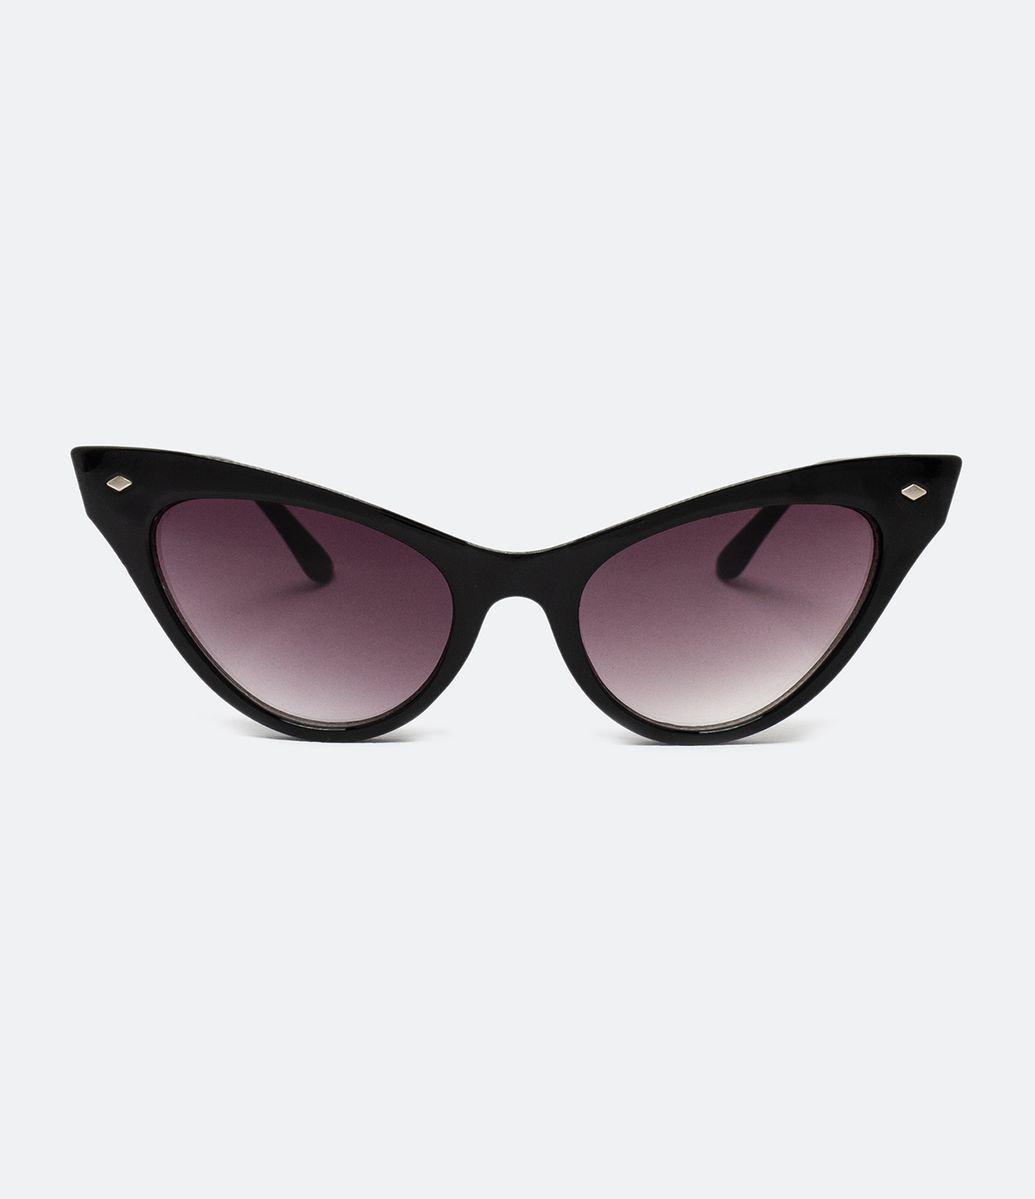 Óculos de sol gateado - Acessories